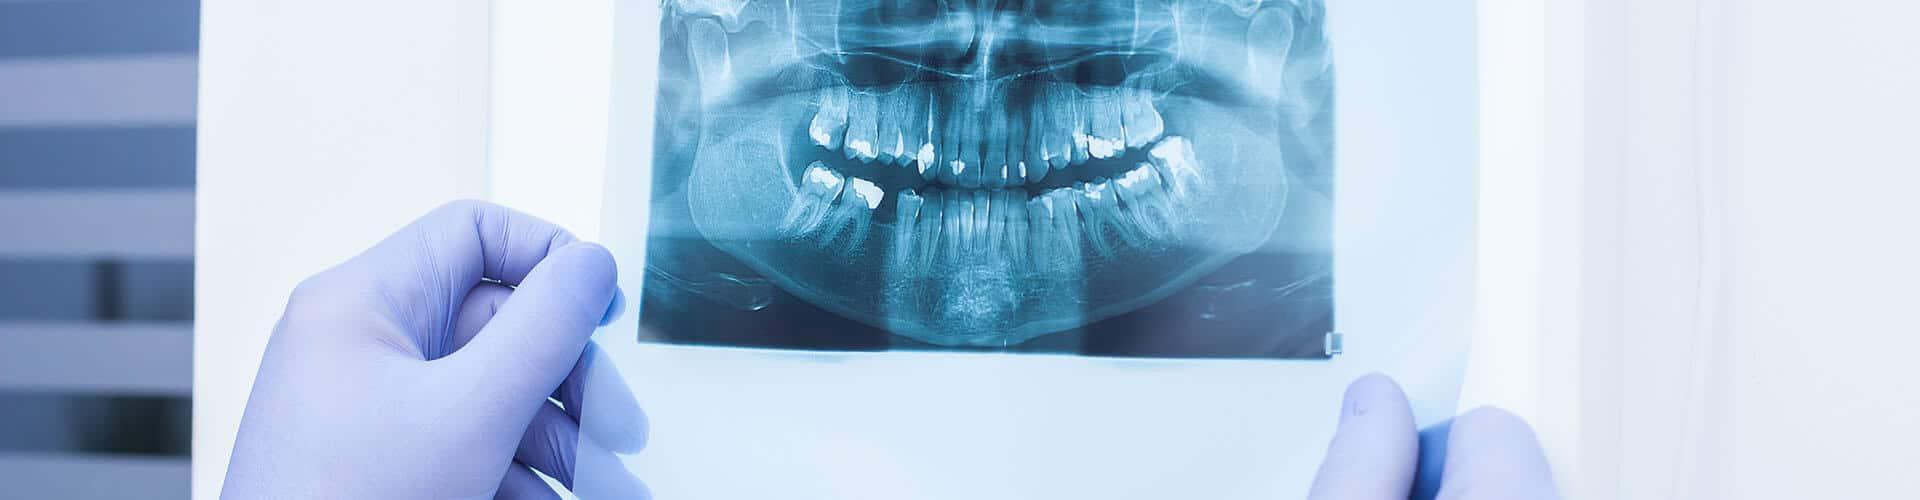 dor de dente, sensibilidade dentária, desvitaliação dentária, endodontia